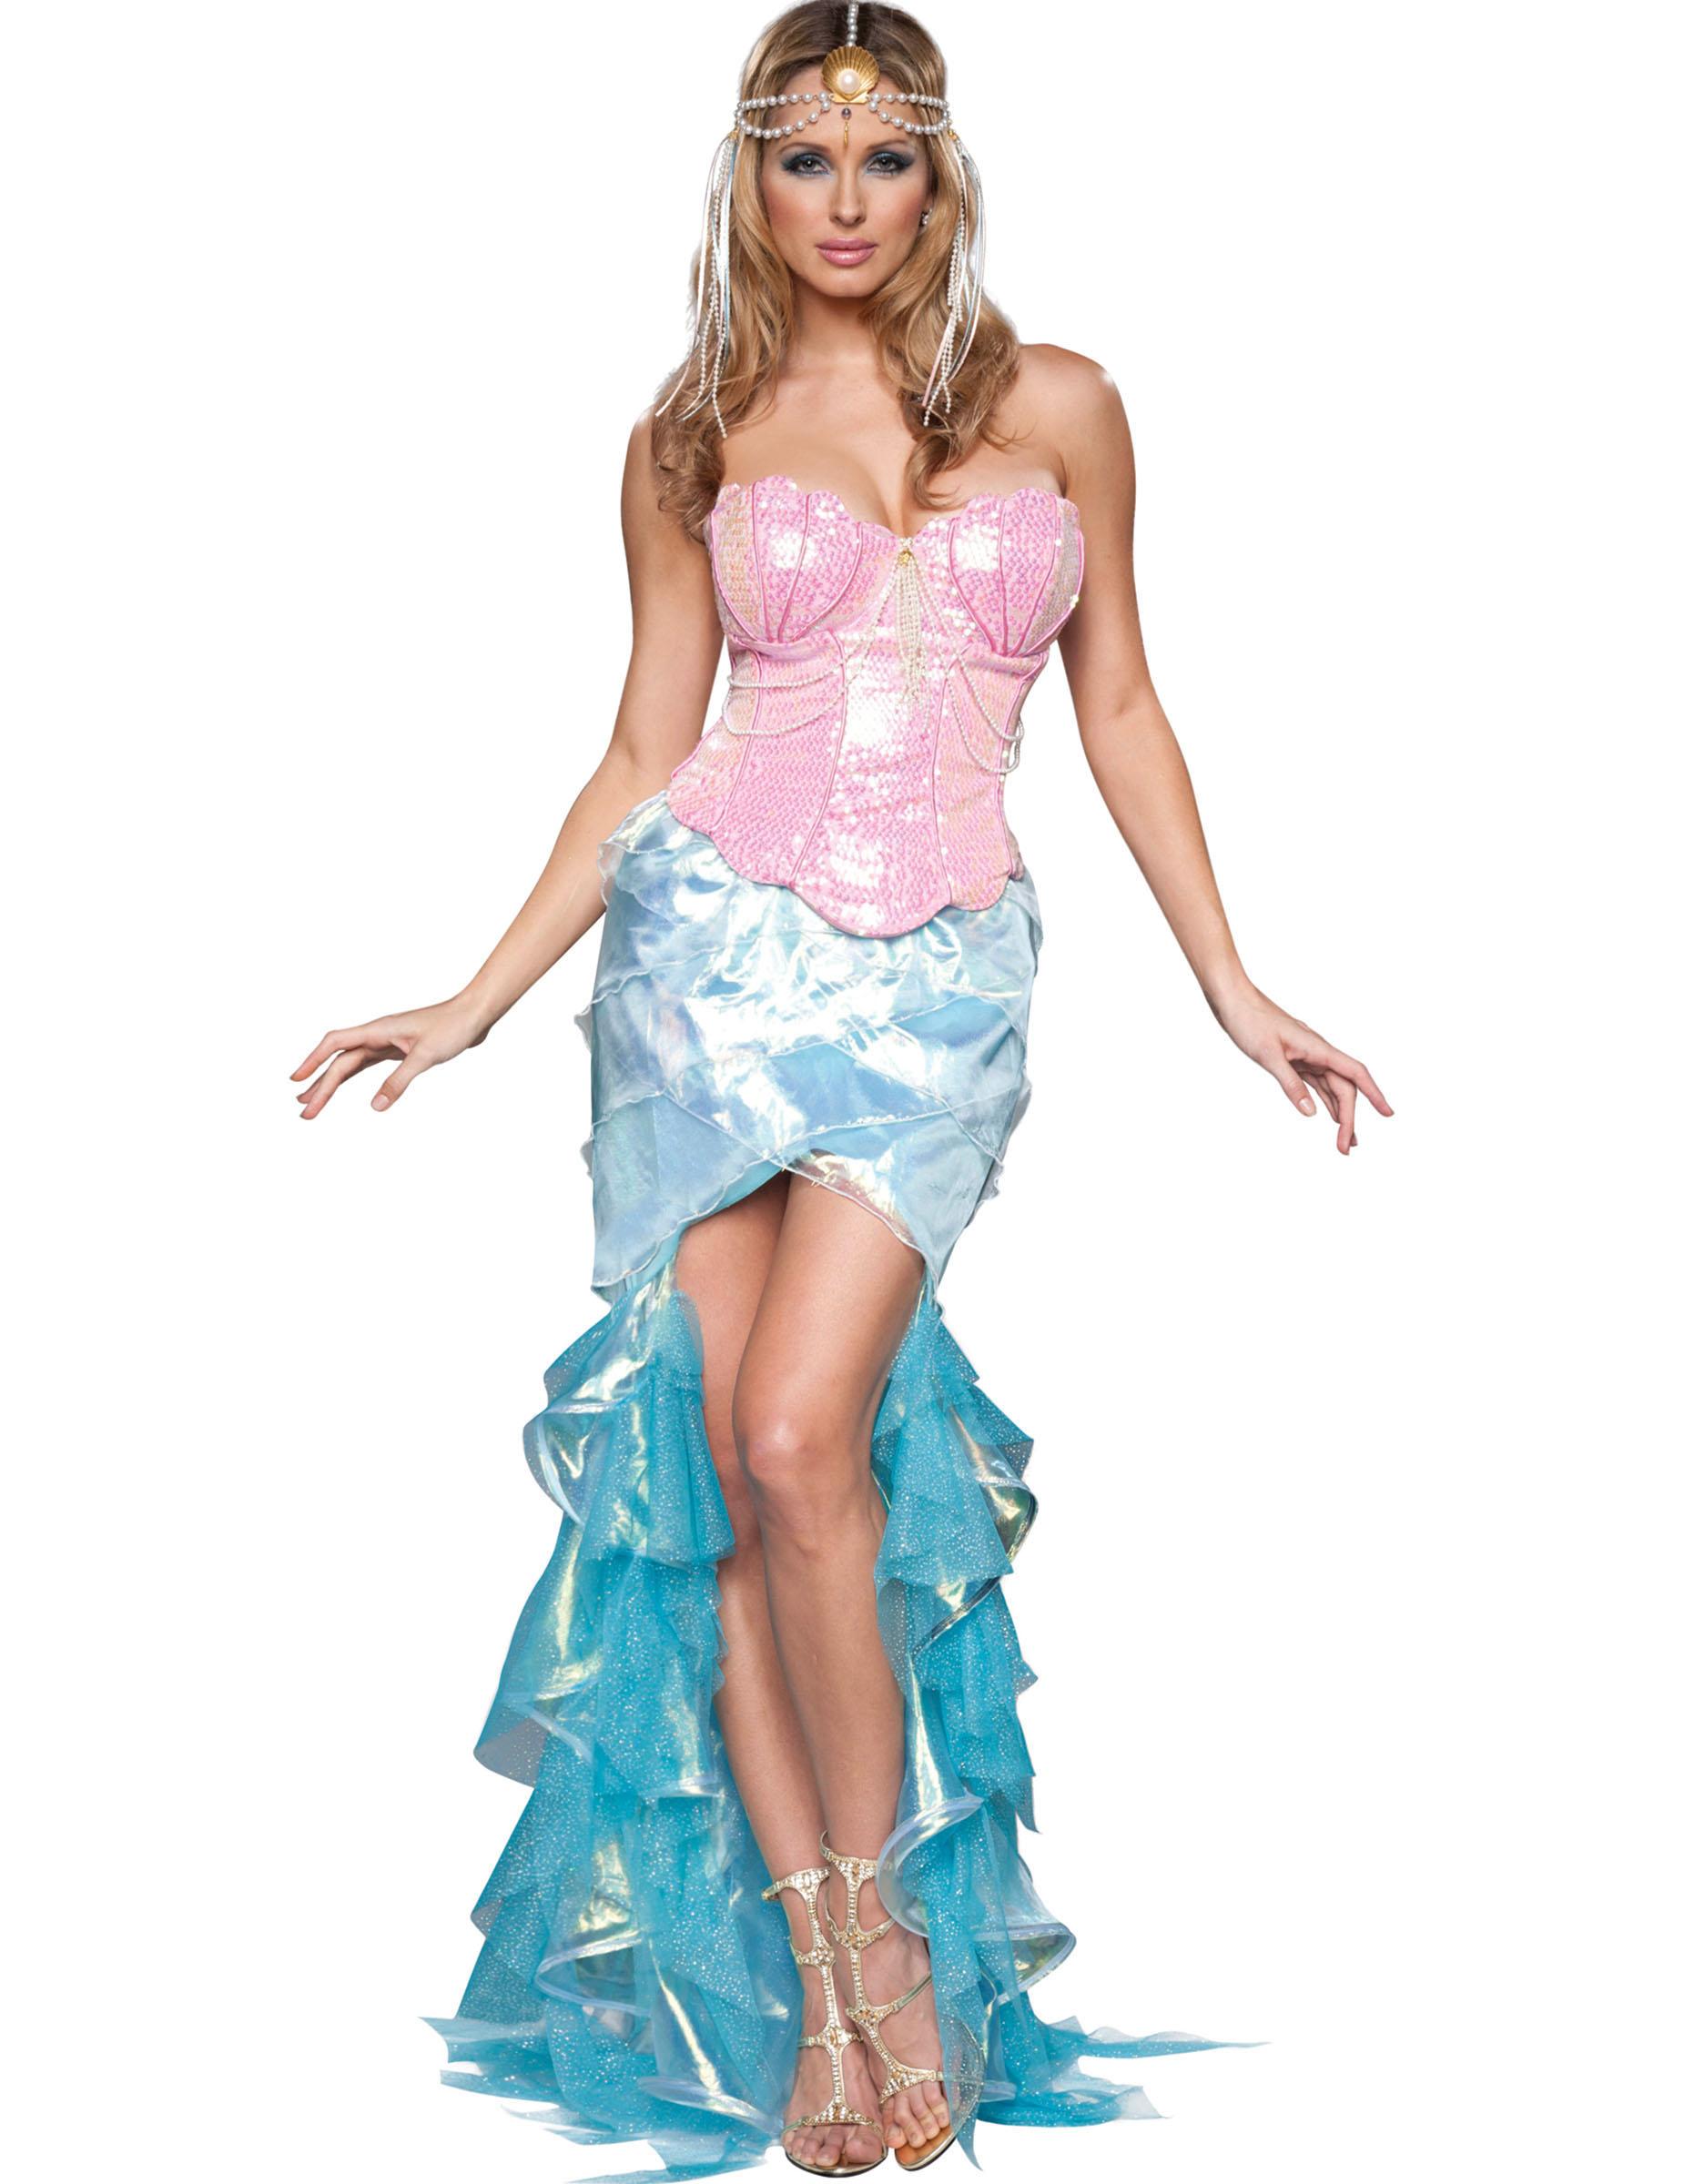 Roze Carnavalskleding Dames.Schitterend Zeemeerminnen Carnavalskleding Voor Dames Vegaoo Nl